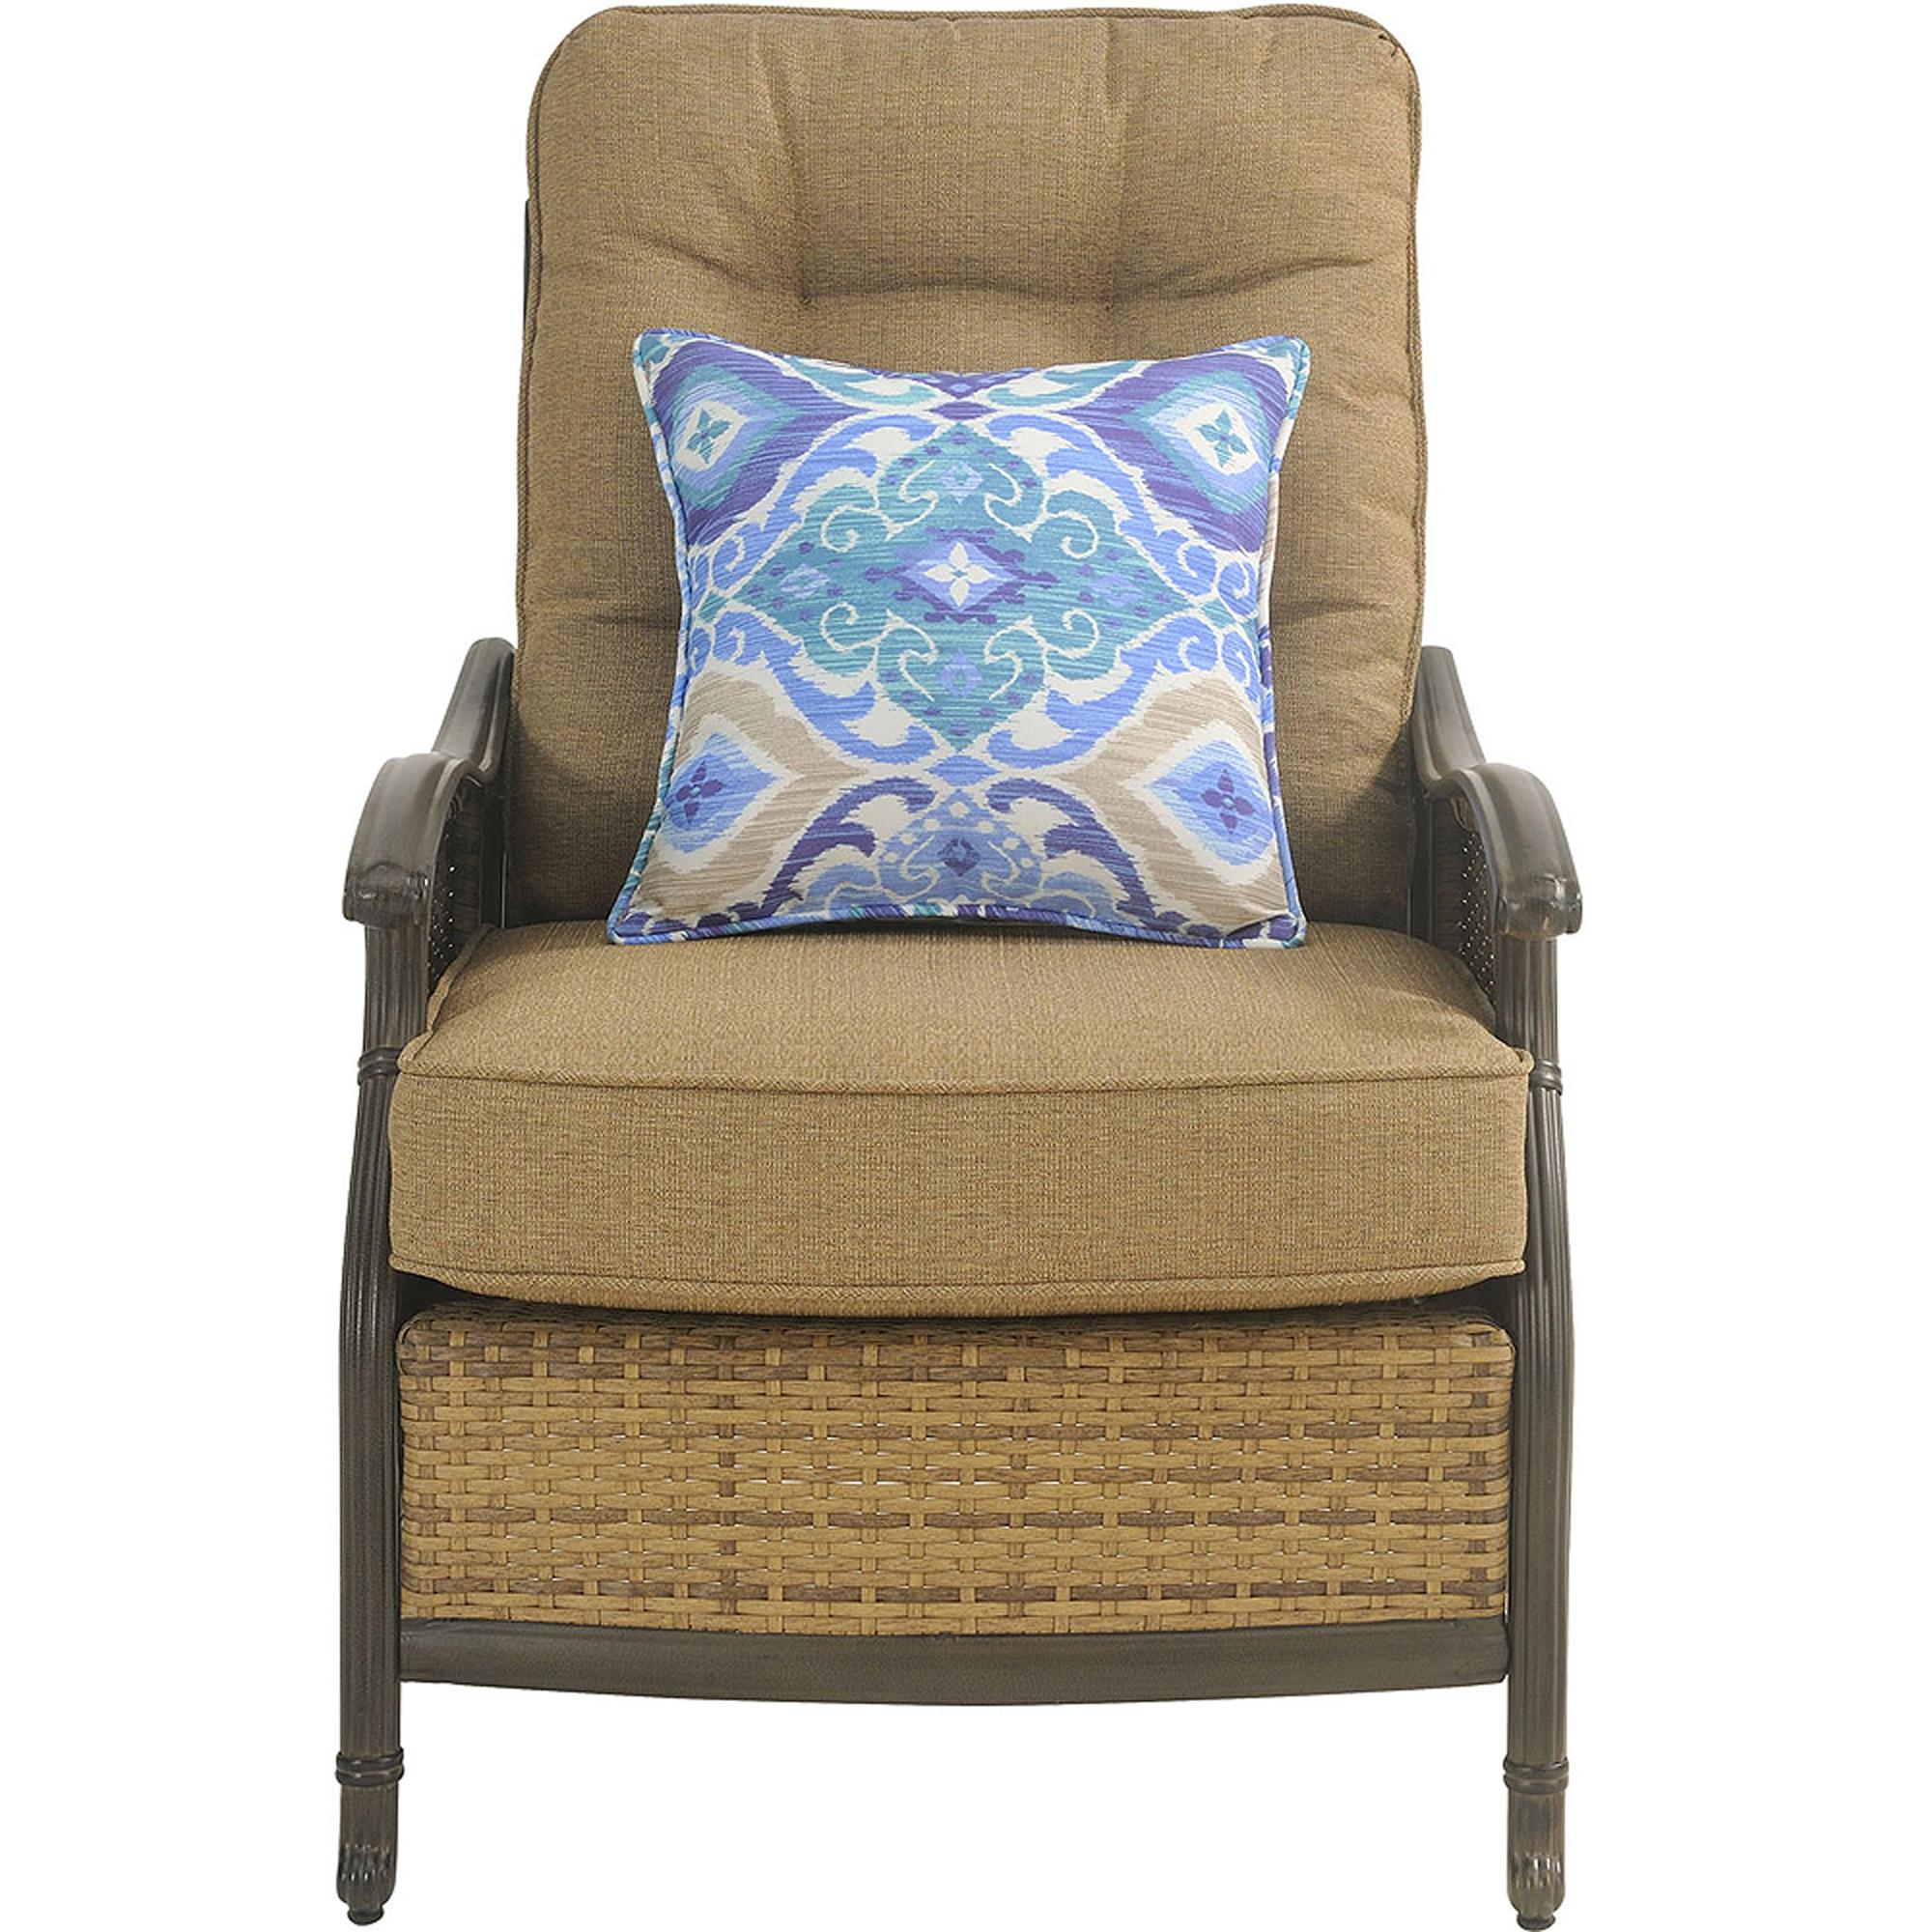 Wayfair basics wayfair basics 7 piece comforter set amp reviews - Hanover Hudson Square 4 Piece Outdoor Deep Seating Lounge Set Walmart Com